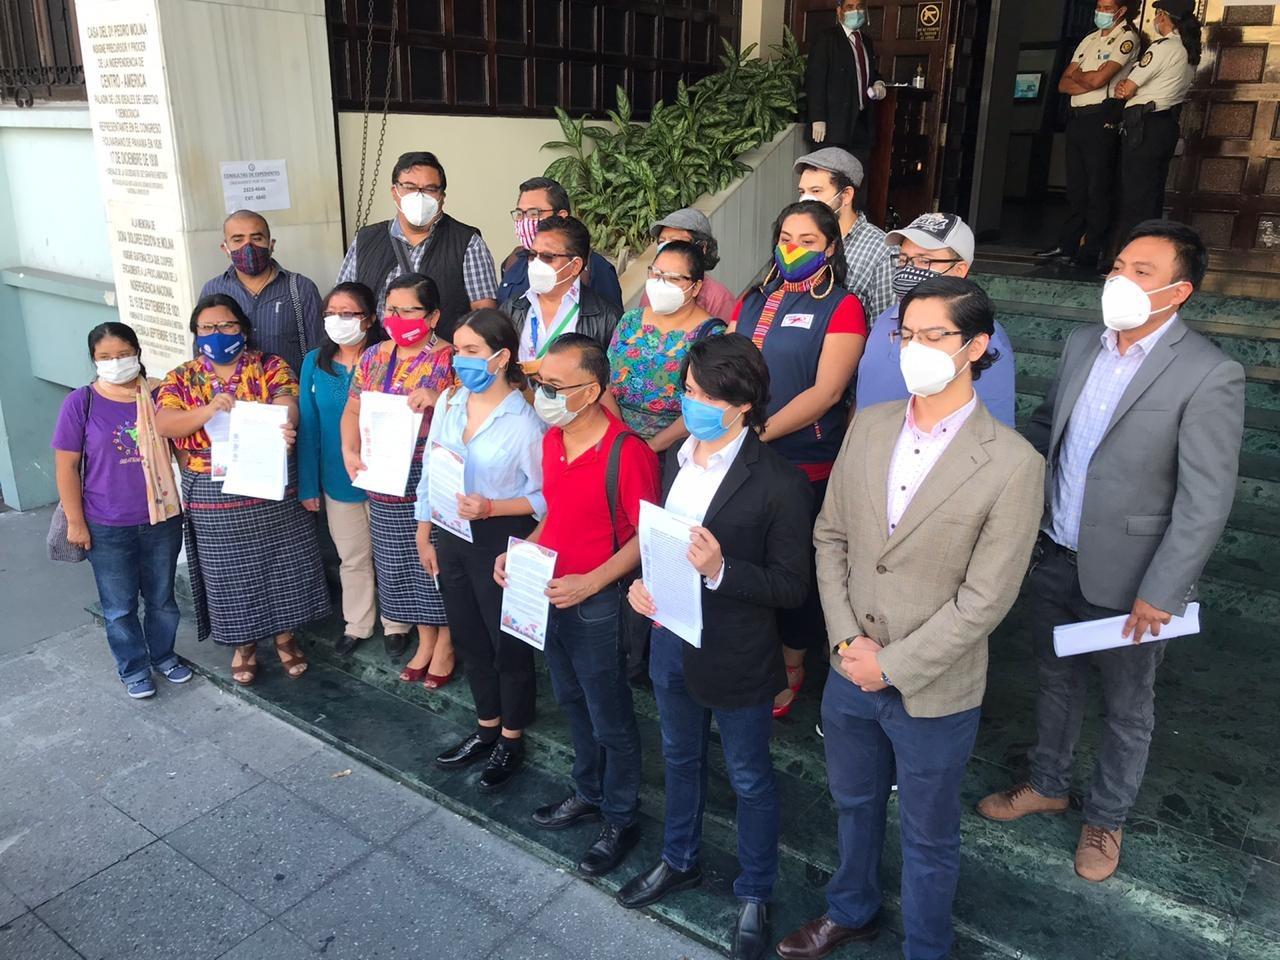 PDH y organizaciones accionan contra acuerdo sobre Bono 14